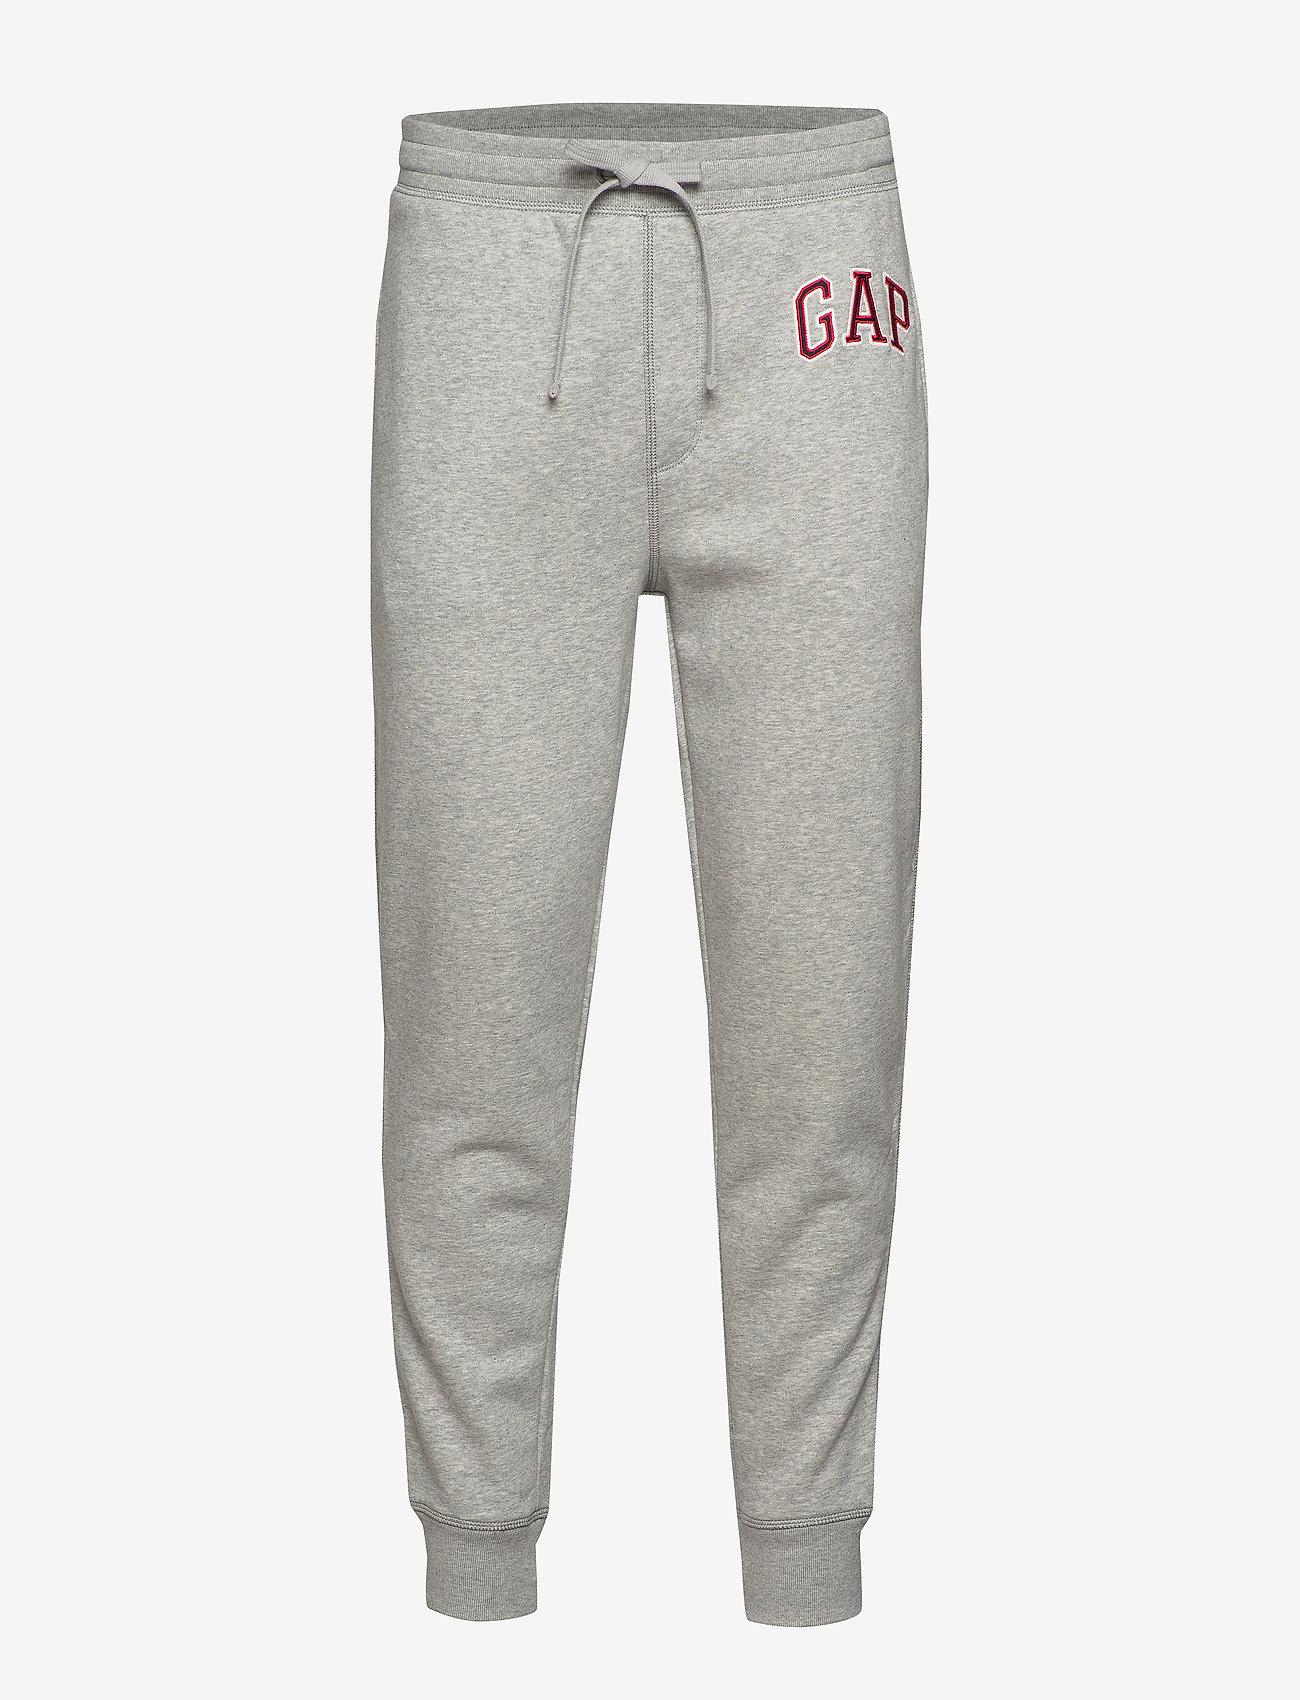 GAP - Gap Logo Joggers - odzież - b10 grey heather - 0